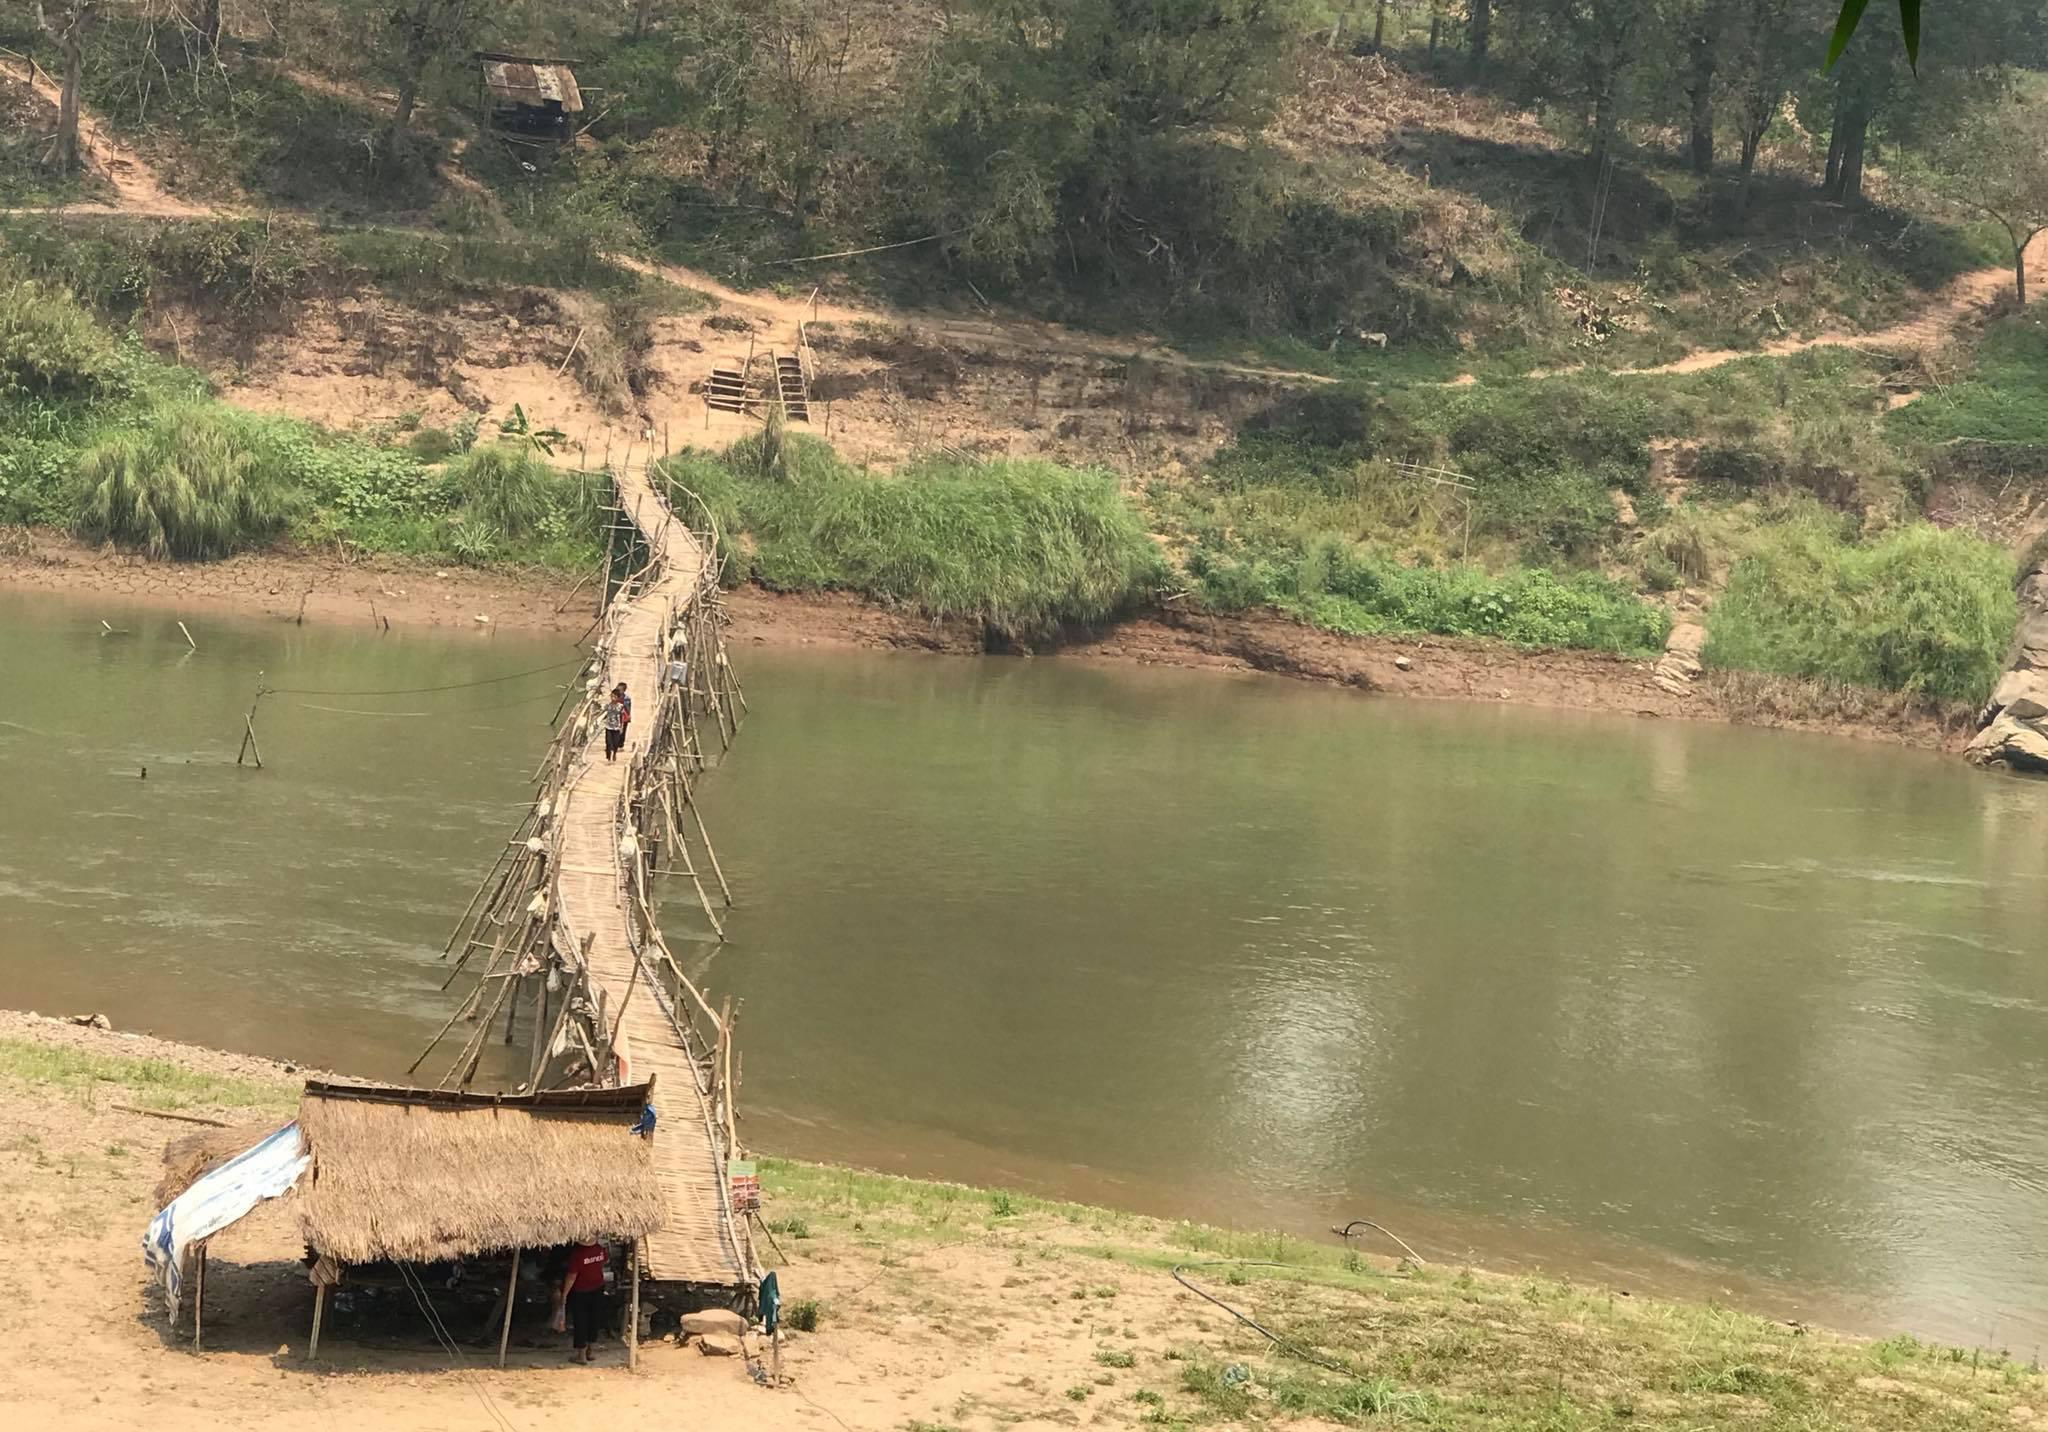 SUP Wilderness Adventures Laos Luang Prabang bamoo bridge.jpg